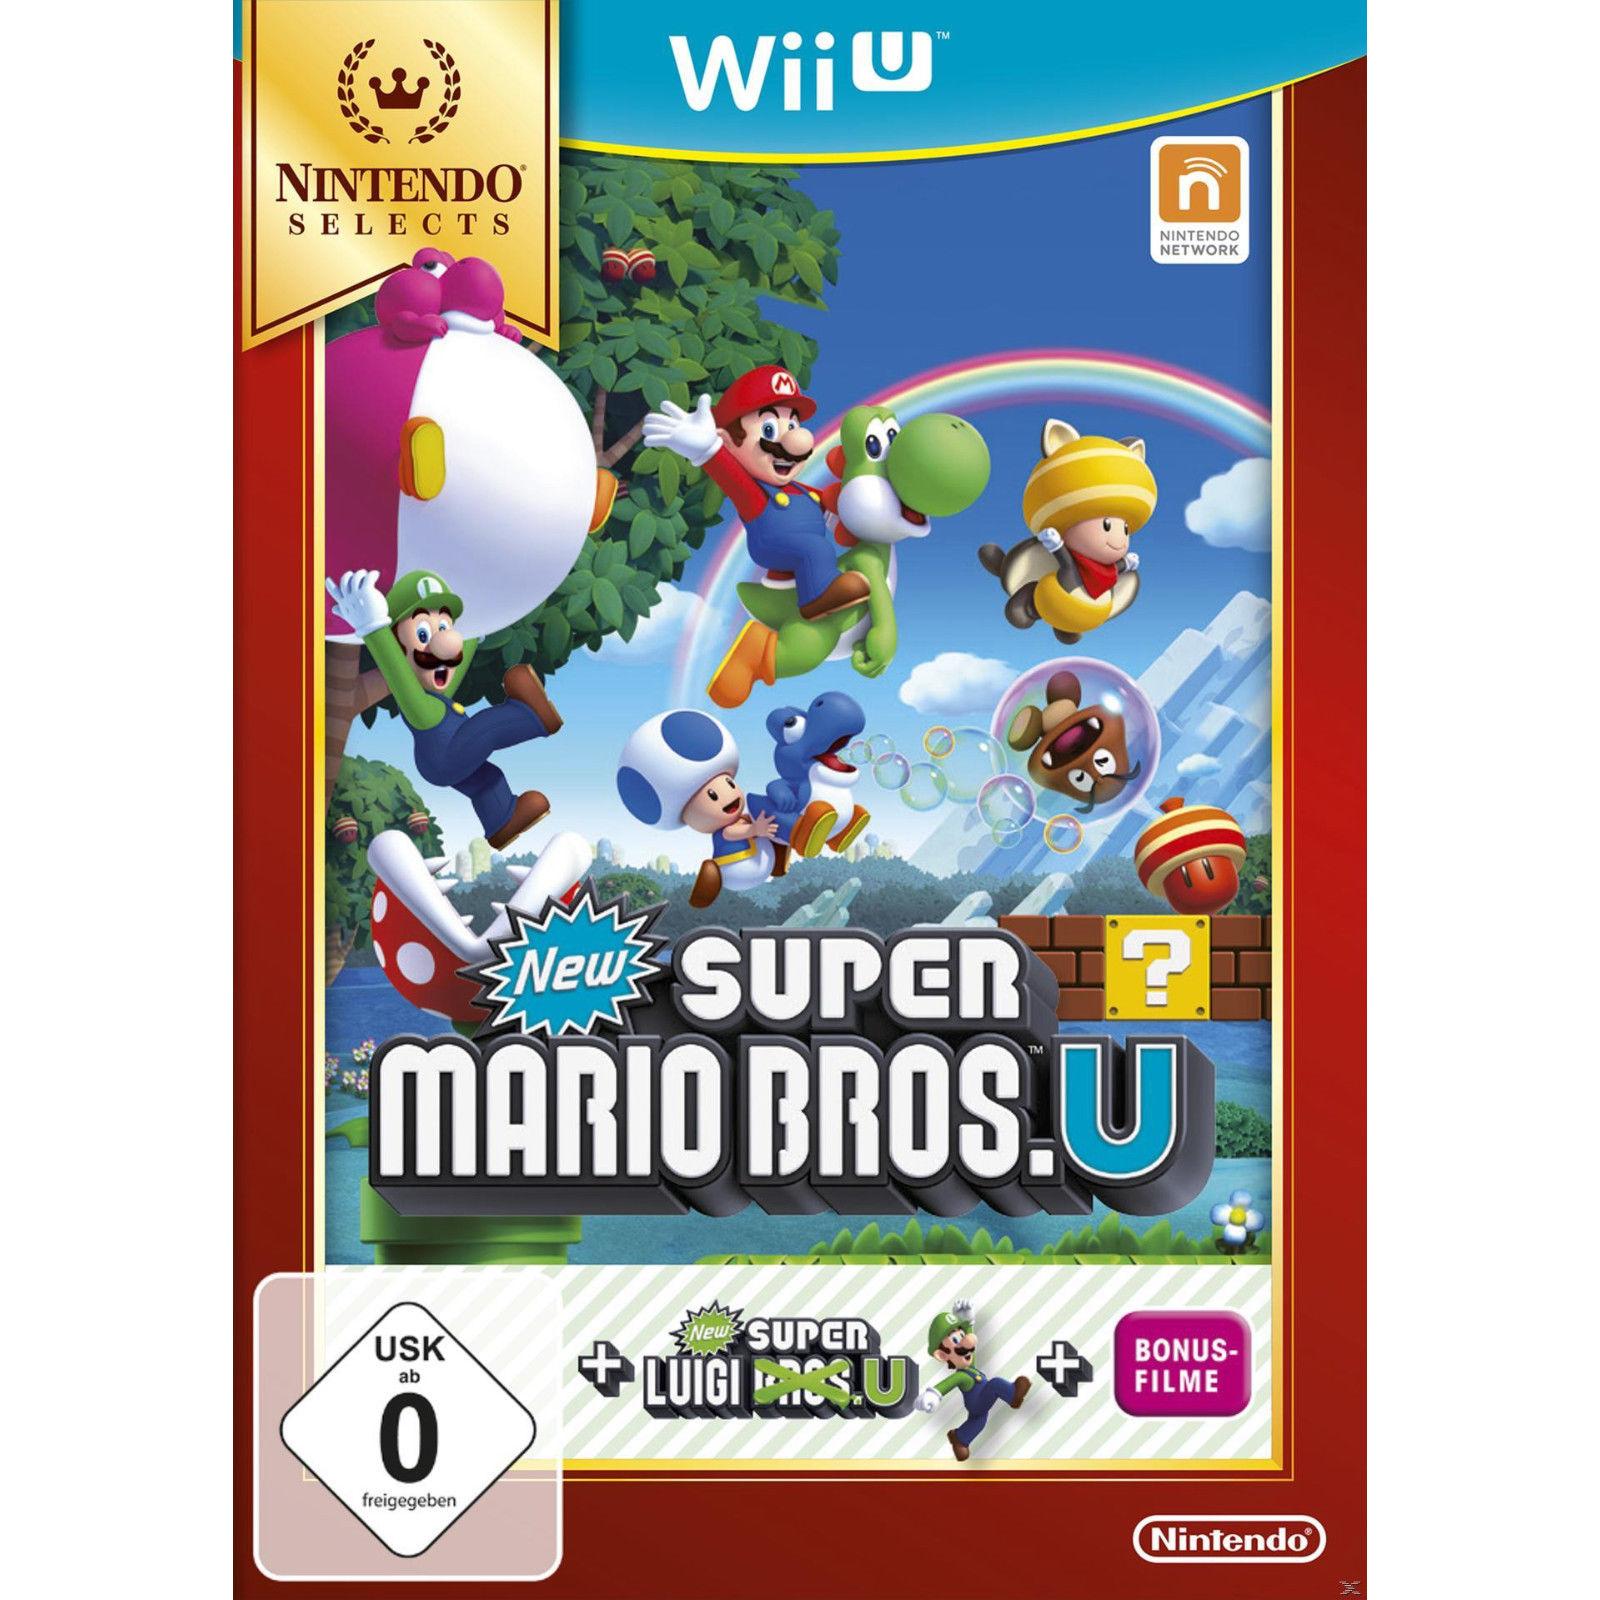 New Super Mario Bros. U + New Super Luigi U (Nintendo Selects) oder Animal Crossing: amiibo Festival inkl. Figuren und Karten für Nintendo Wii U für jeweils 10 Euro [Saturn.de/Ebay.de]